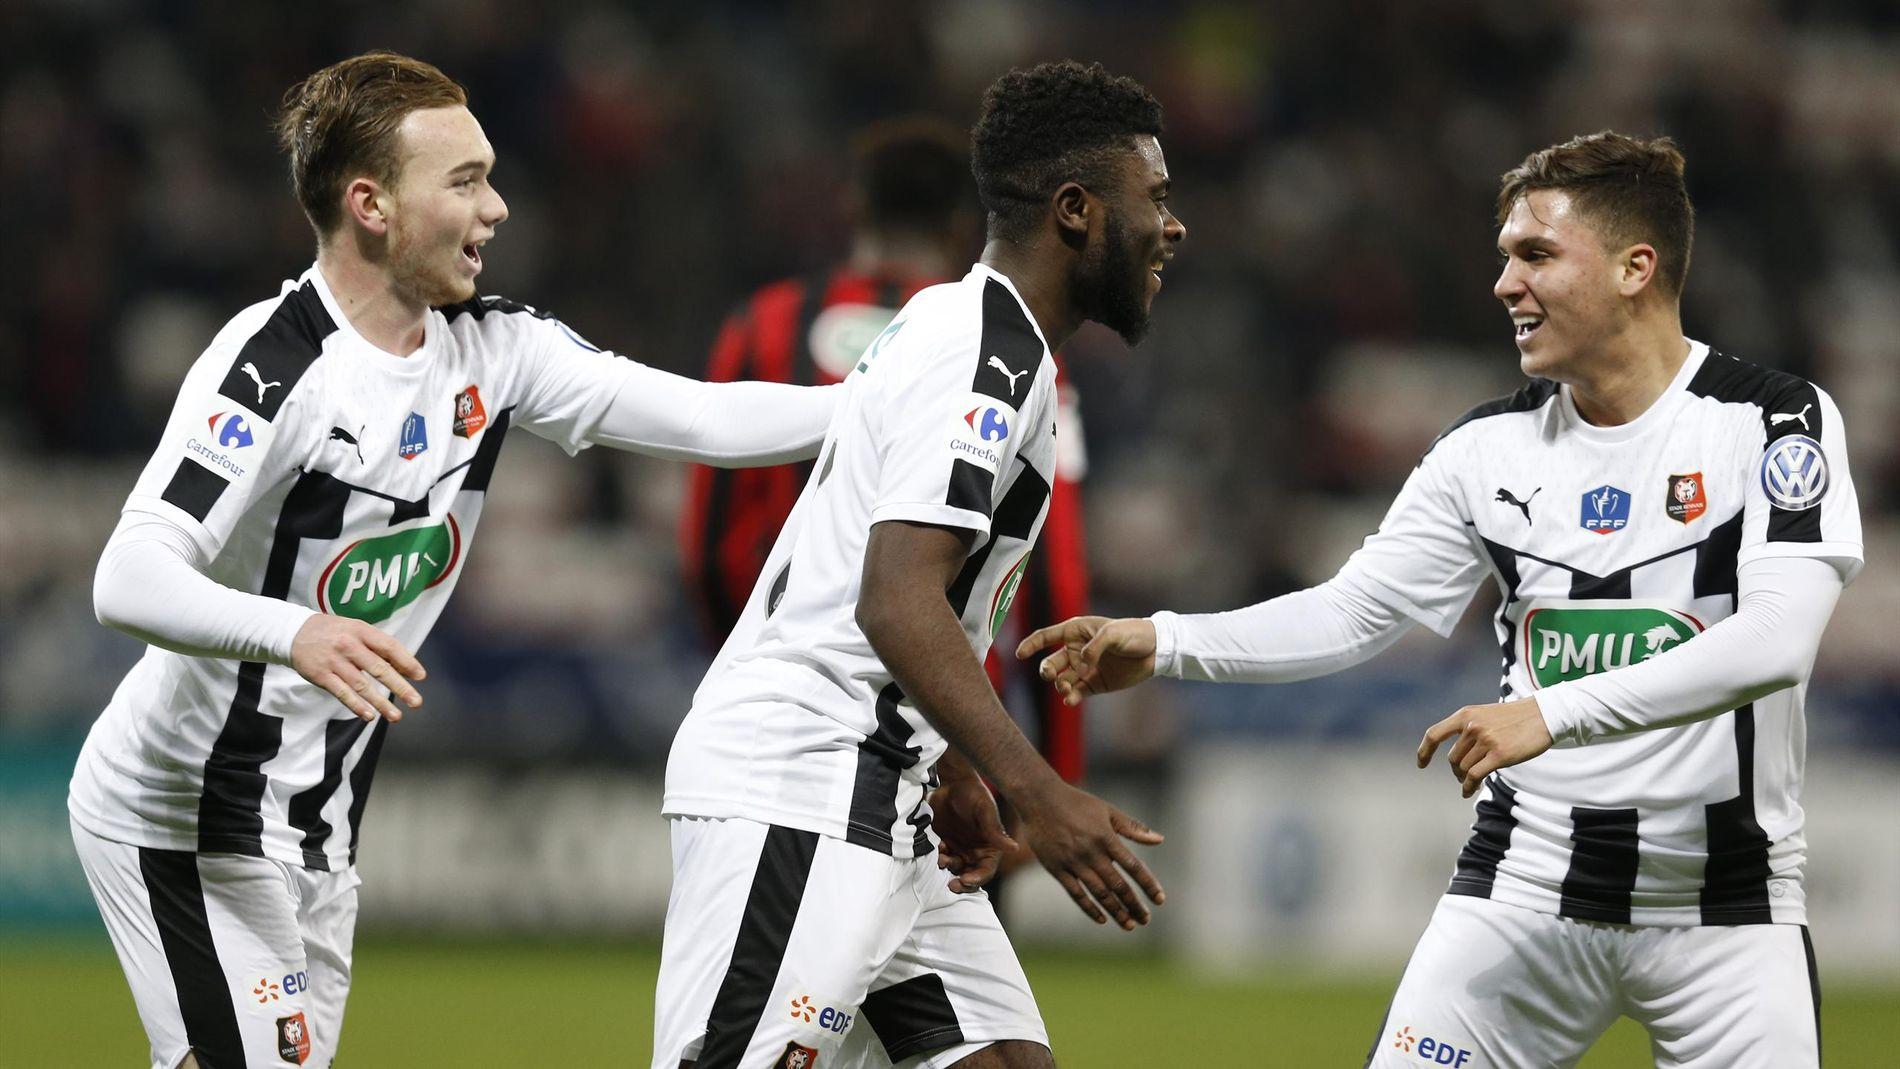 Coupe de France (32e de finale) : Rennes sort Nice au bout du suspense (2-2 a.p., 6-7 t.a.b.)